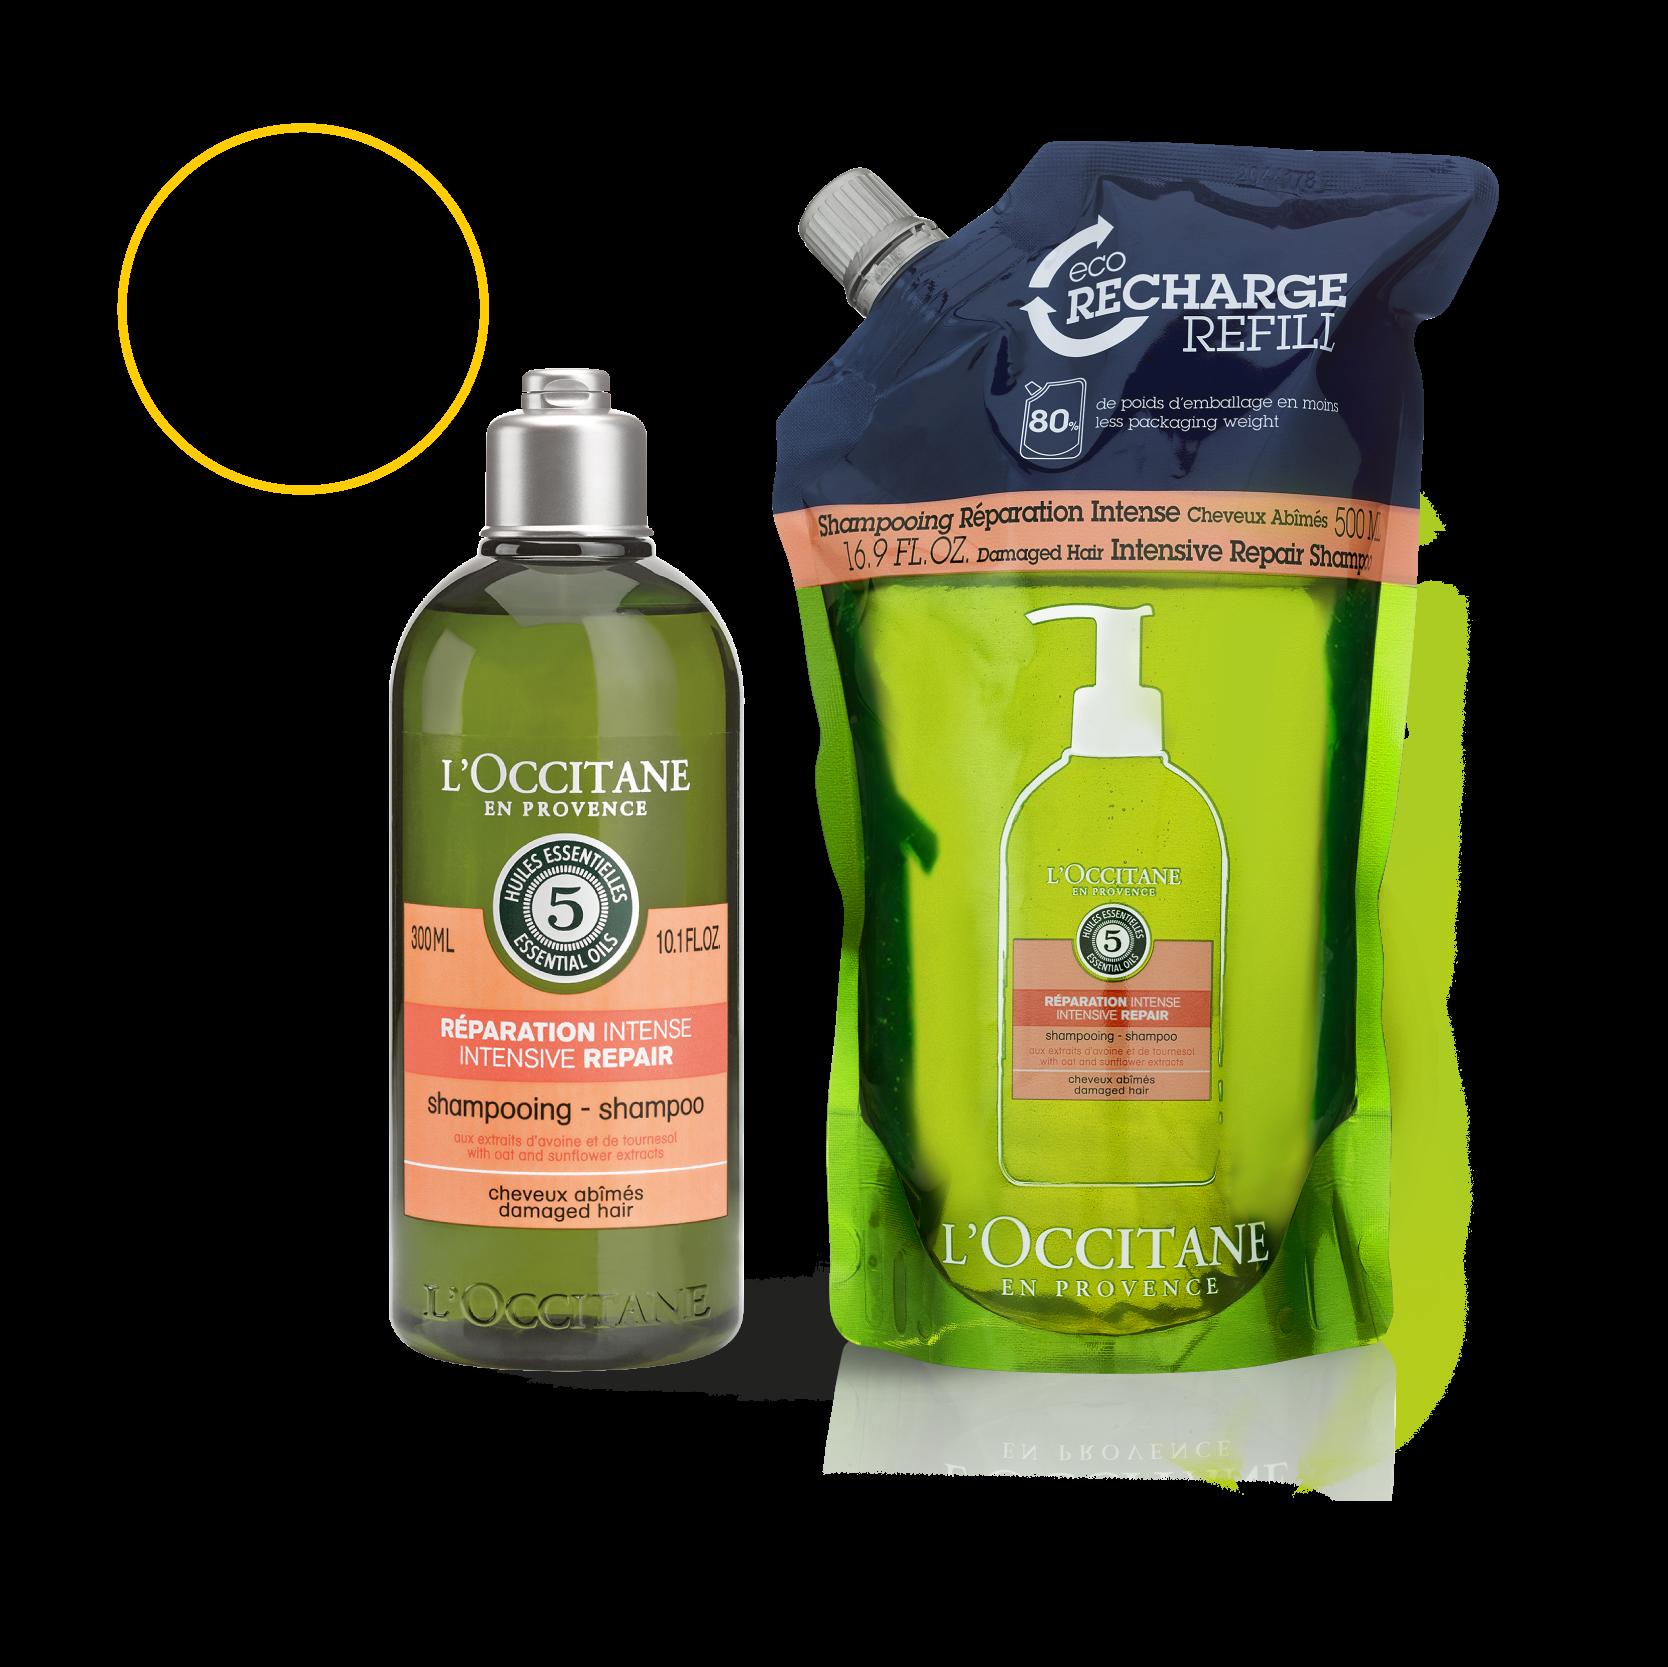 Intensive Repair Shampoo Eco-Refill Bundle